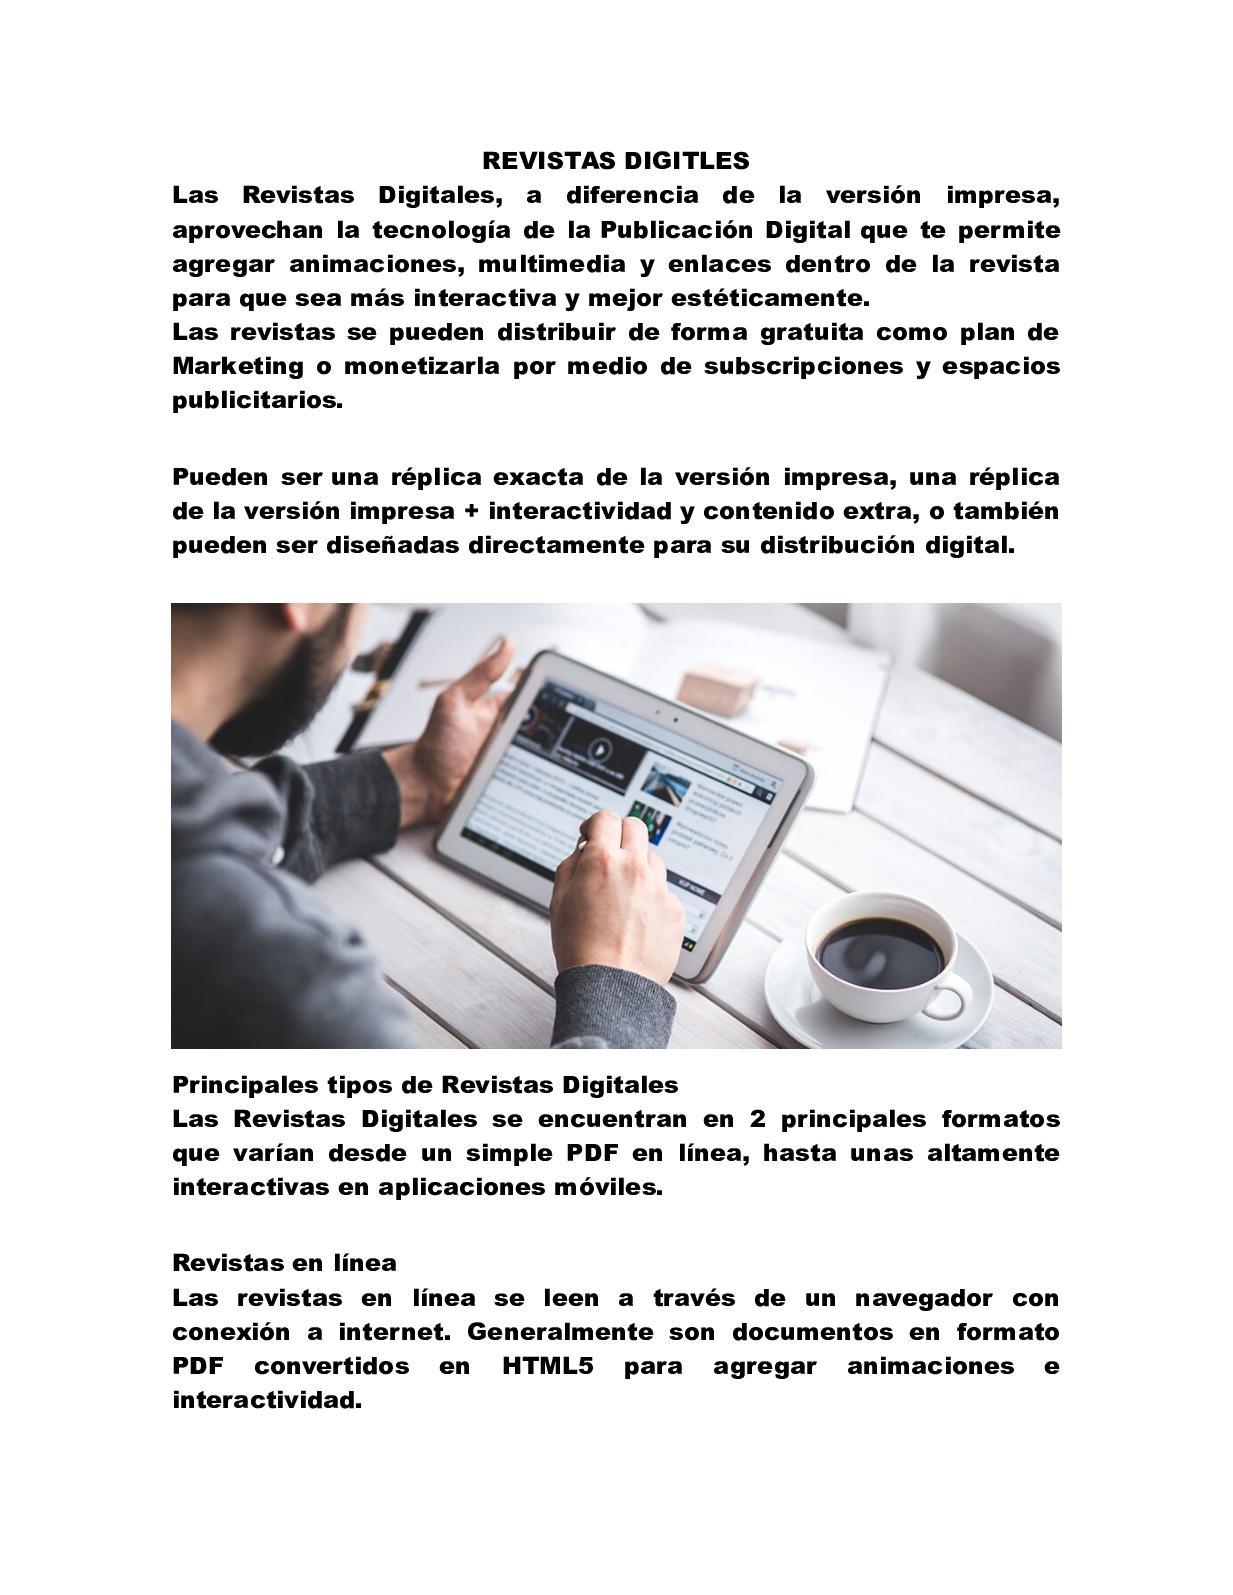 Revistas en línea